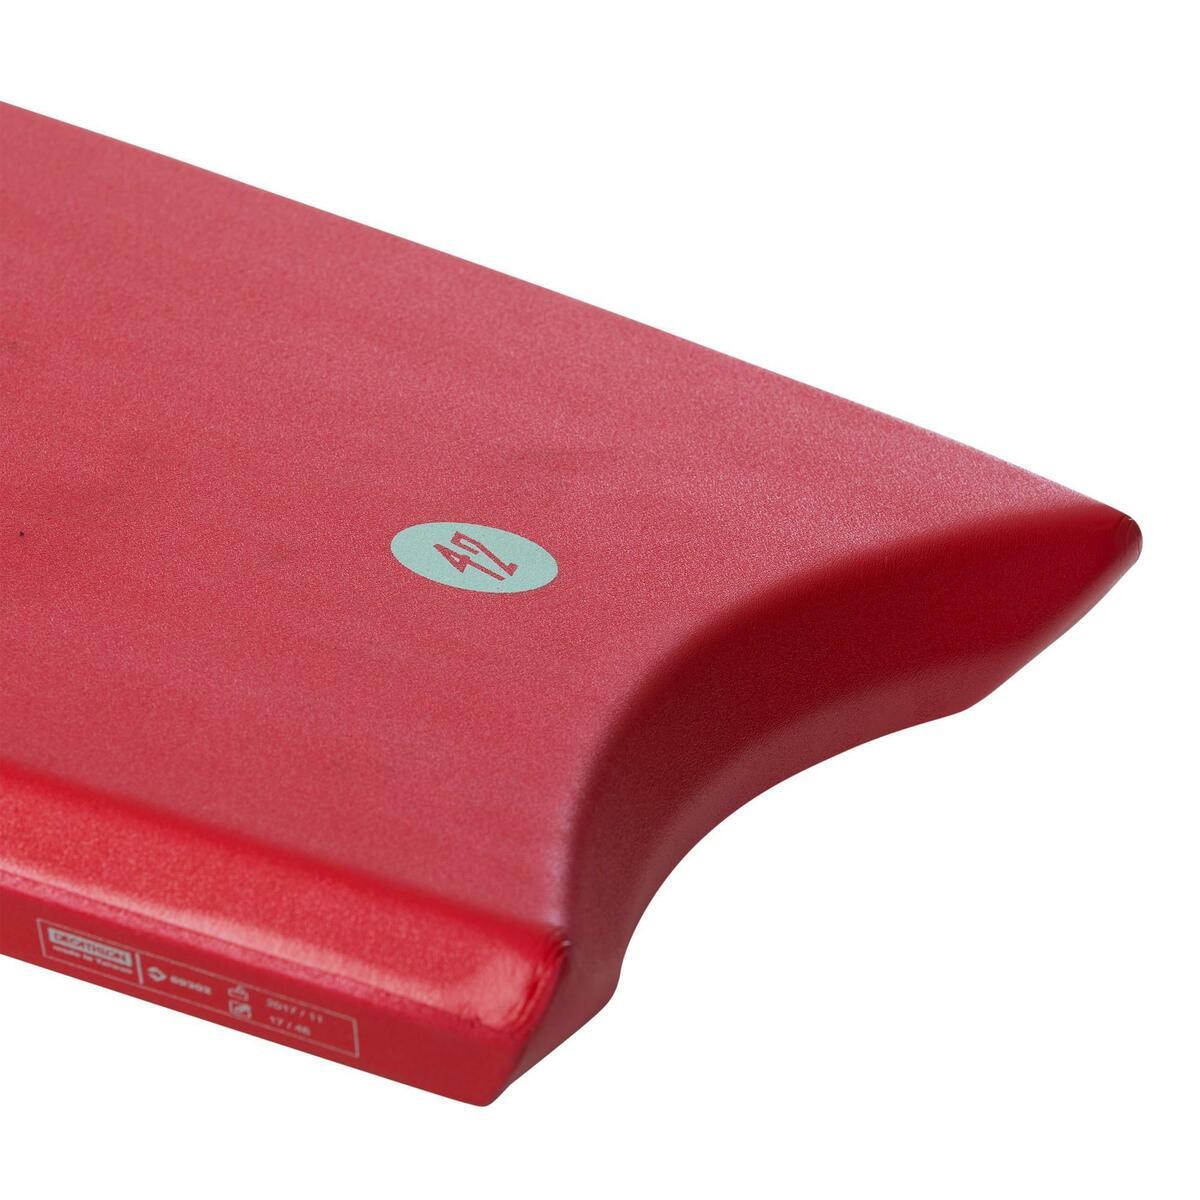 Bild 5 von Bodyboard 100 42 rot für Größe 1,651,85 m mit Slick (Gleitfläche) und Leash